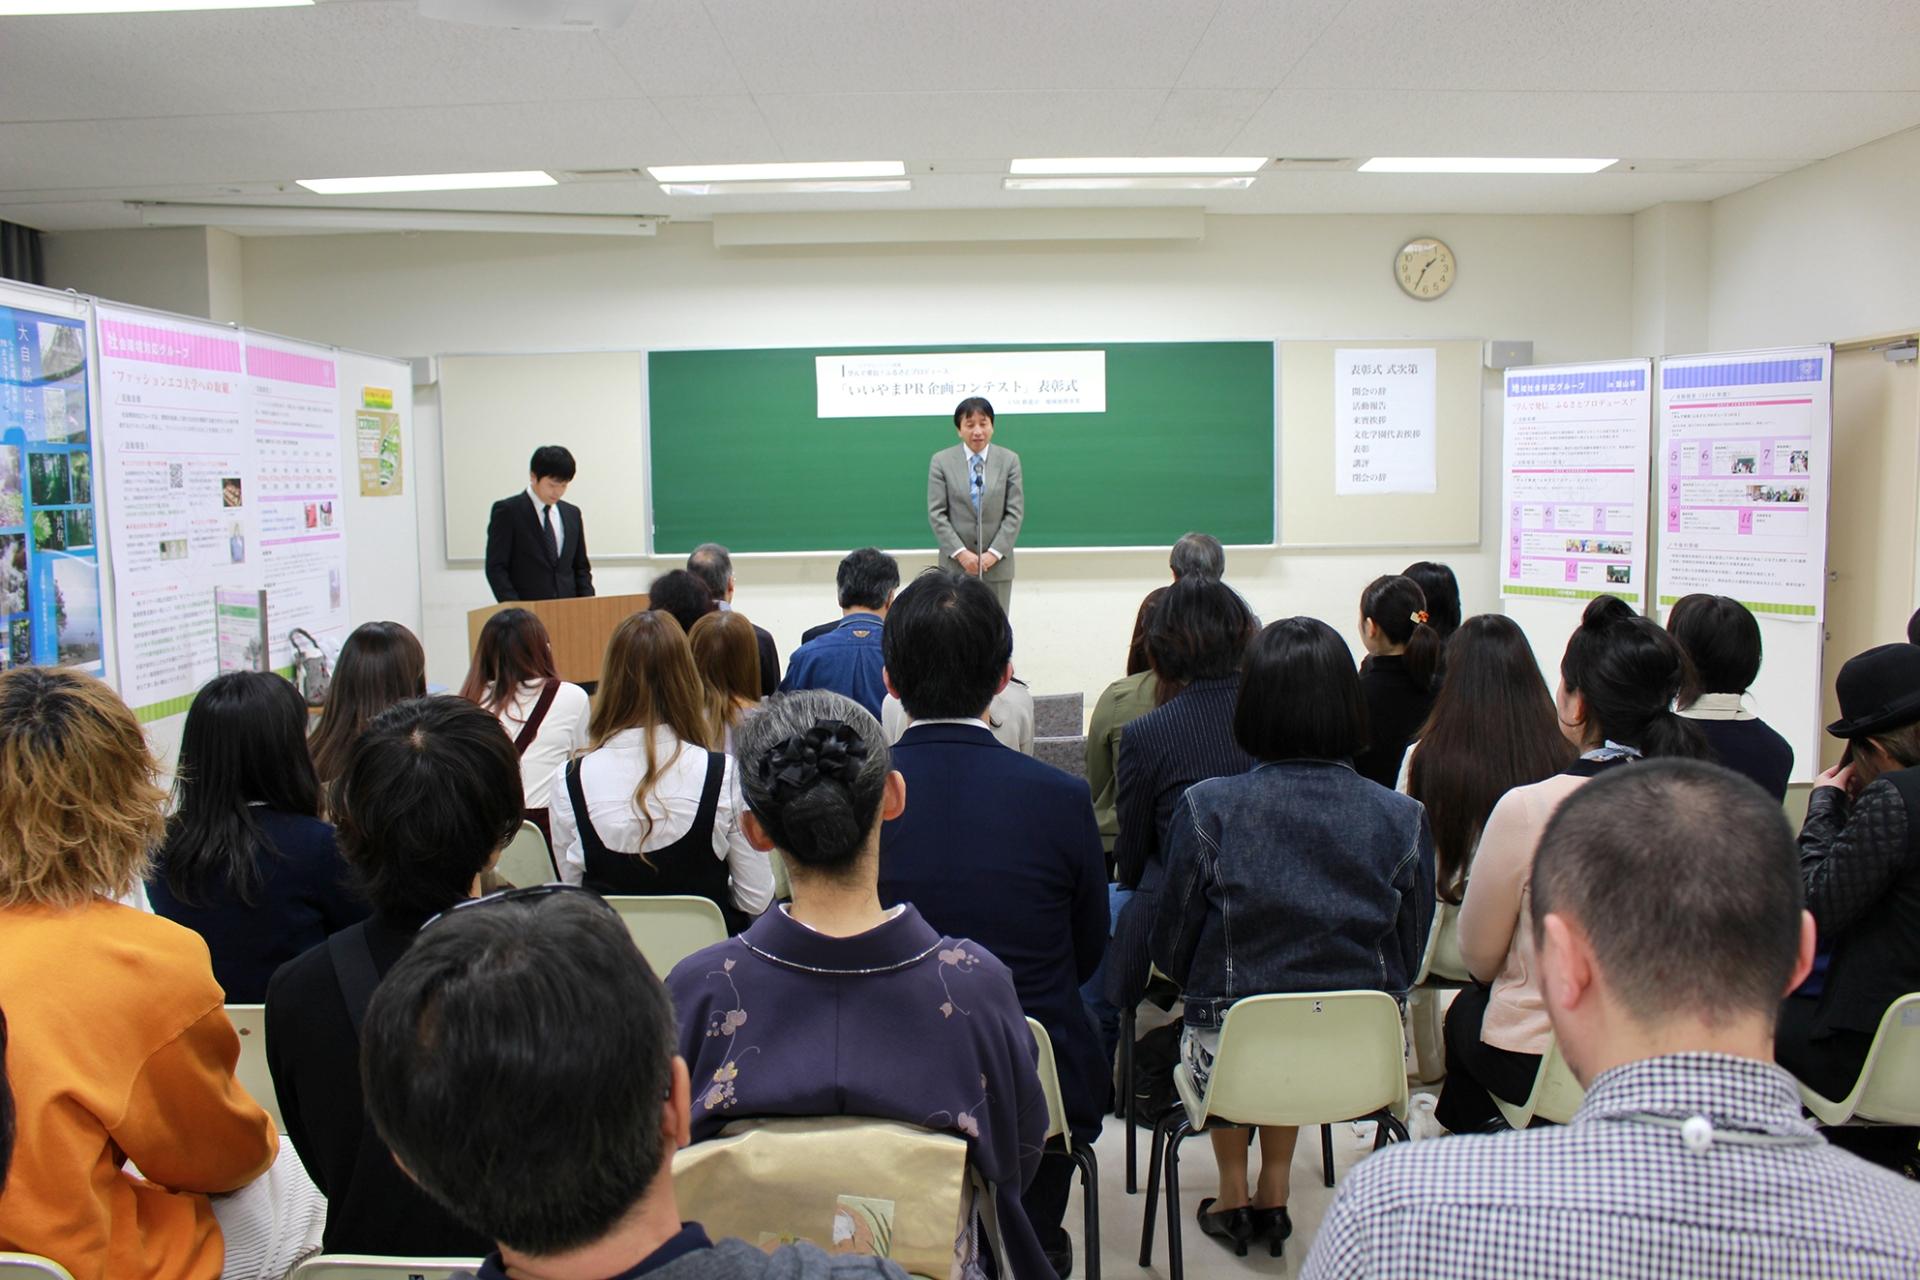 文化学園大学が長野県飯山市との地域連携プロジェクト「飯山PR企画コンテスト」成果報告会兼学生表彰式を開催